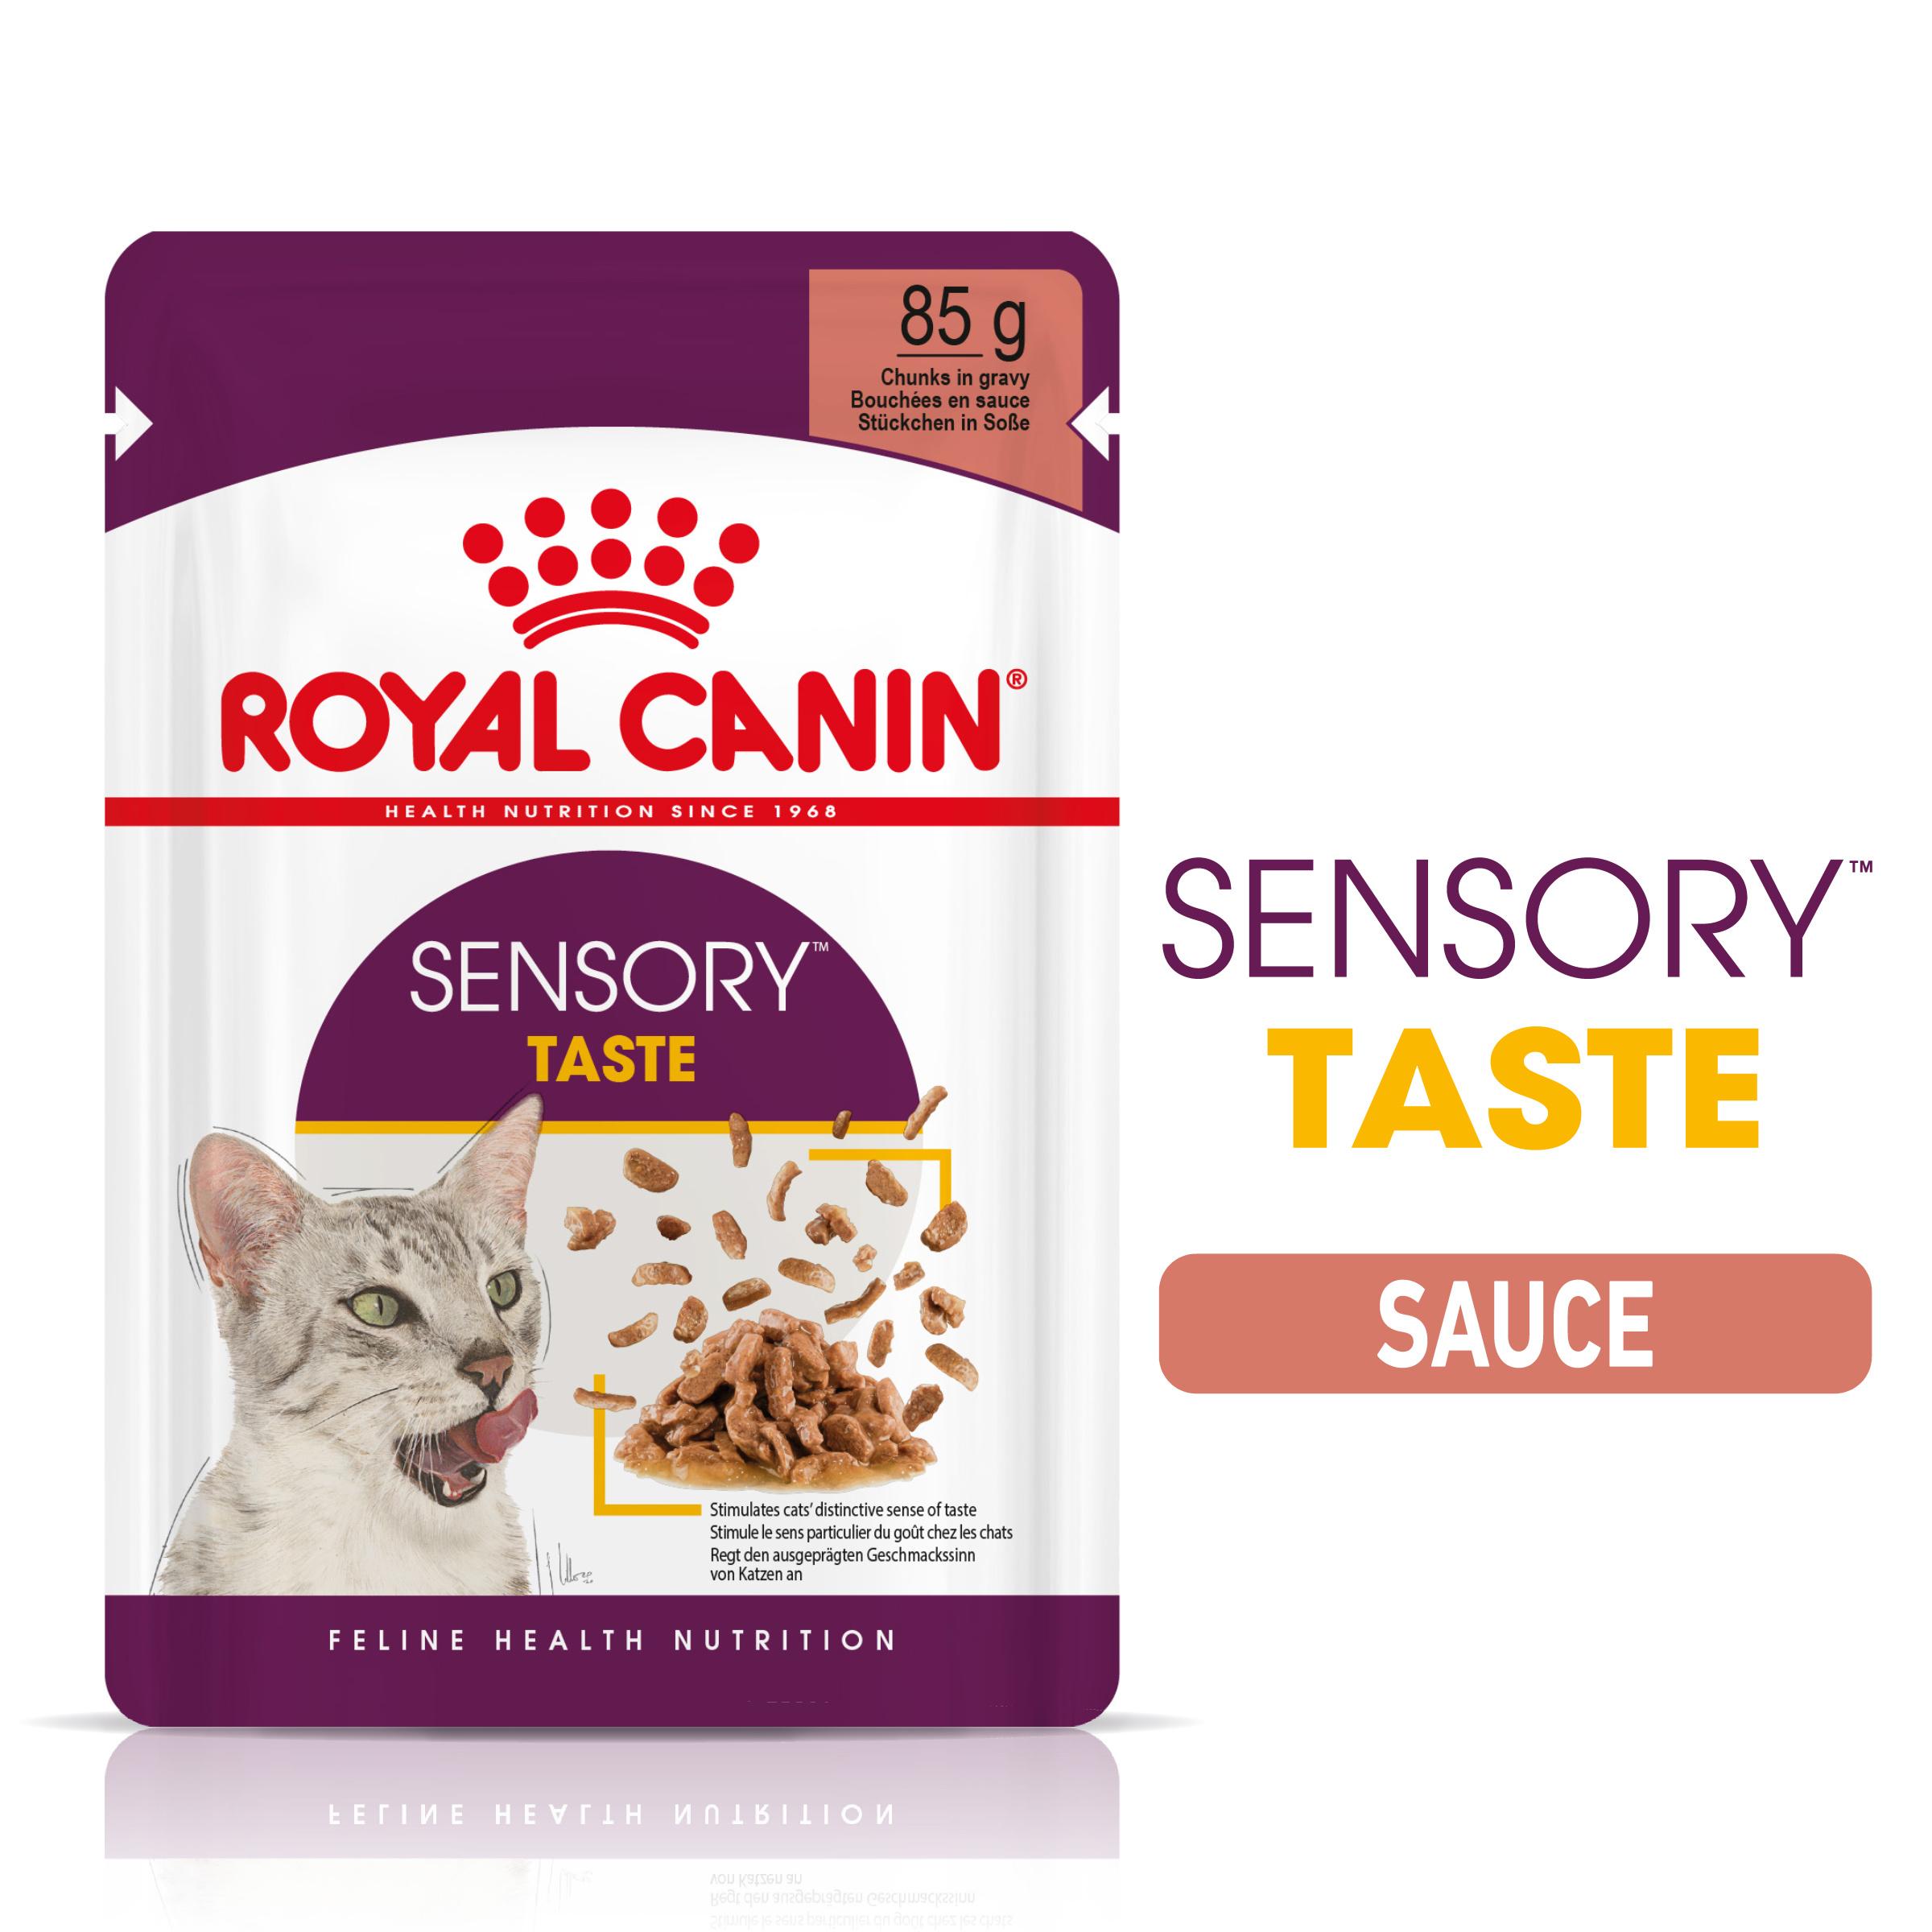 Sensory™ Taste sauce